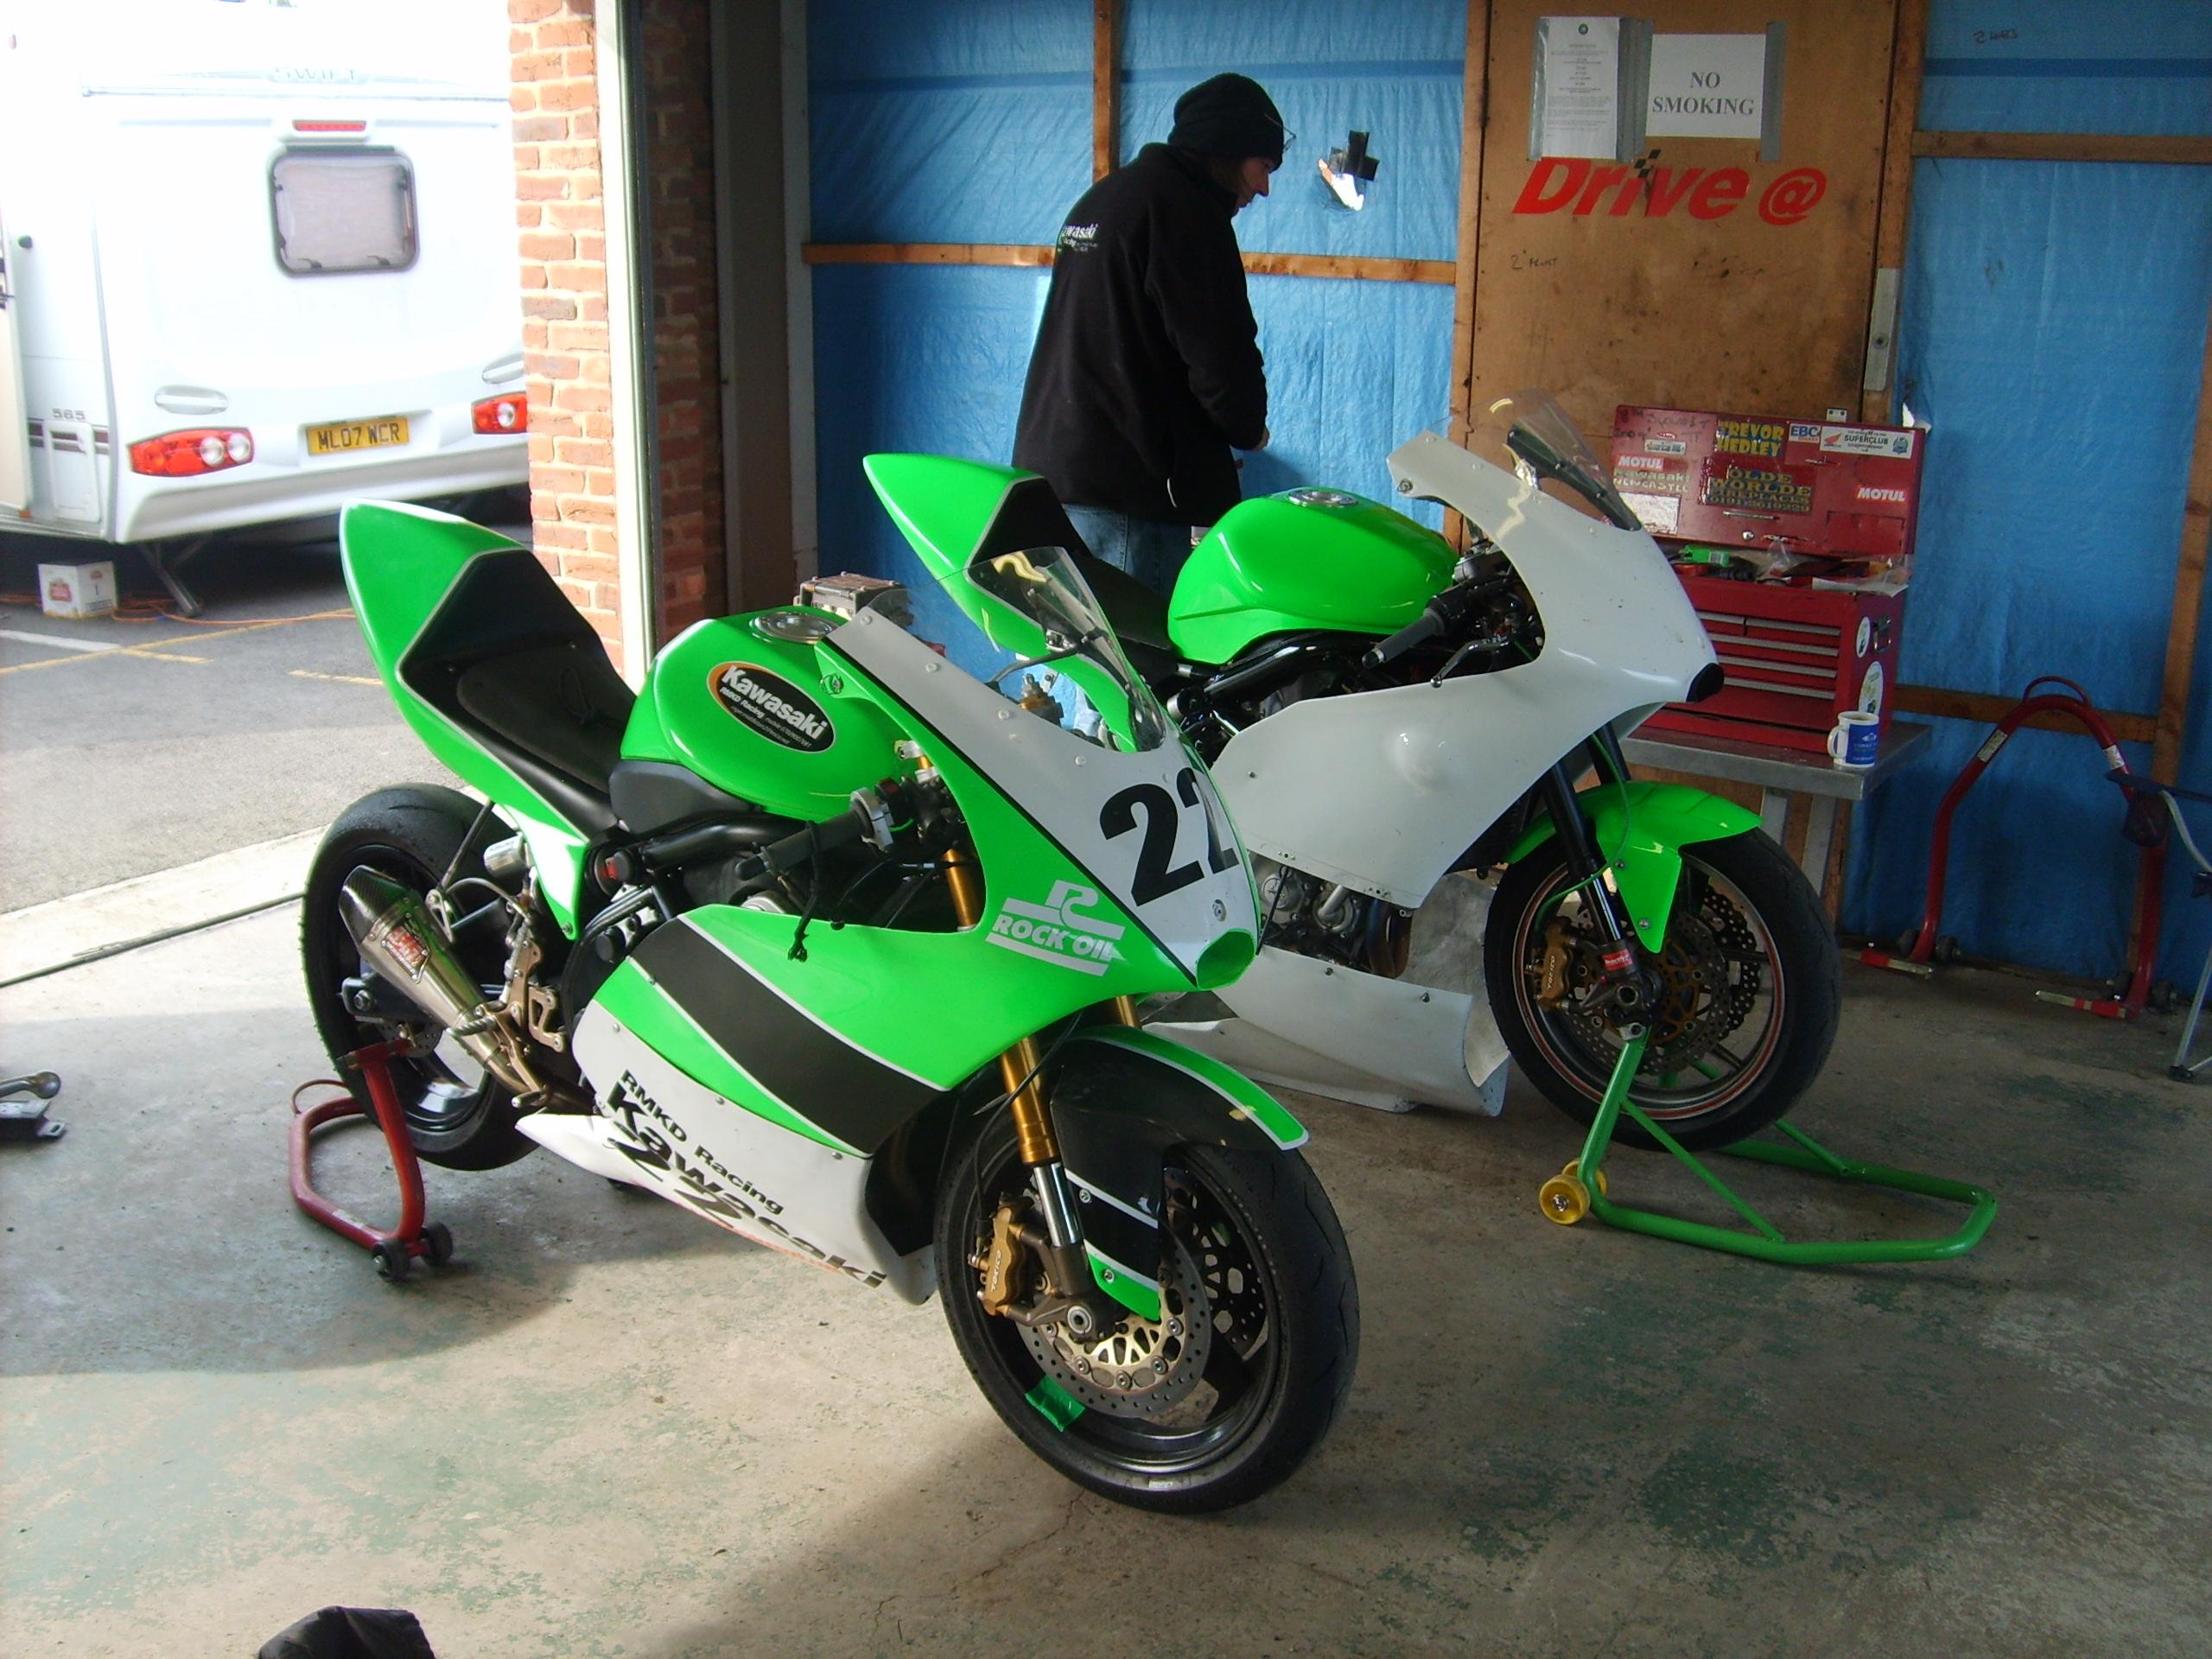 David Bell Motorcycle Racing Season Starts At Croft For 2012 Race